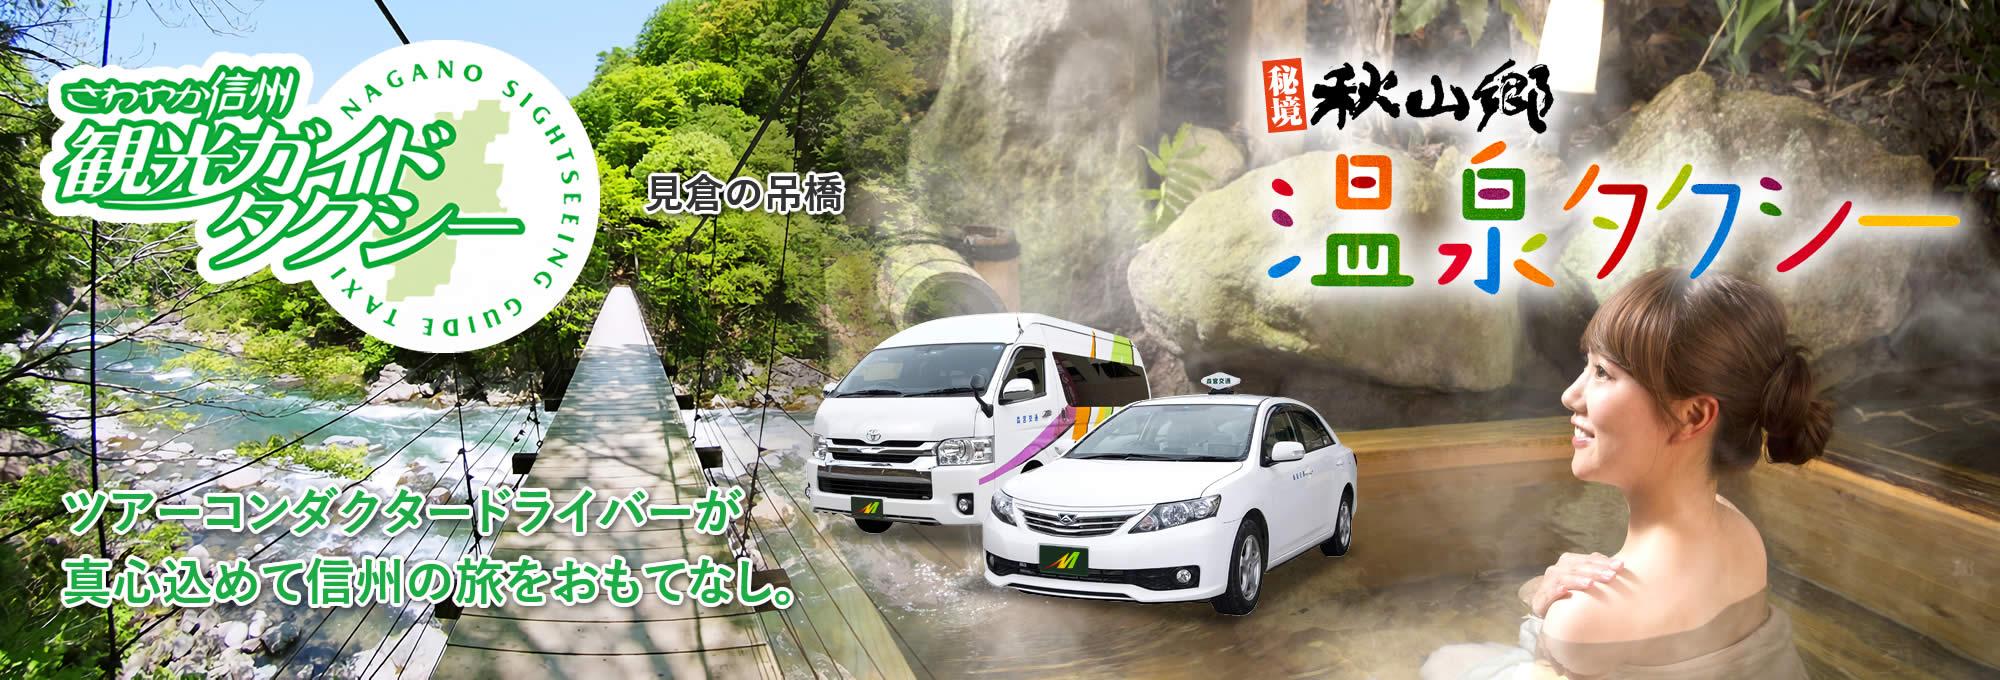 さわやか信州 観光ガイドタクシー